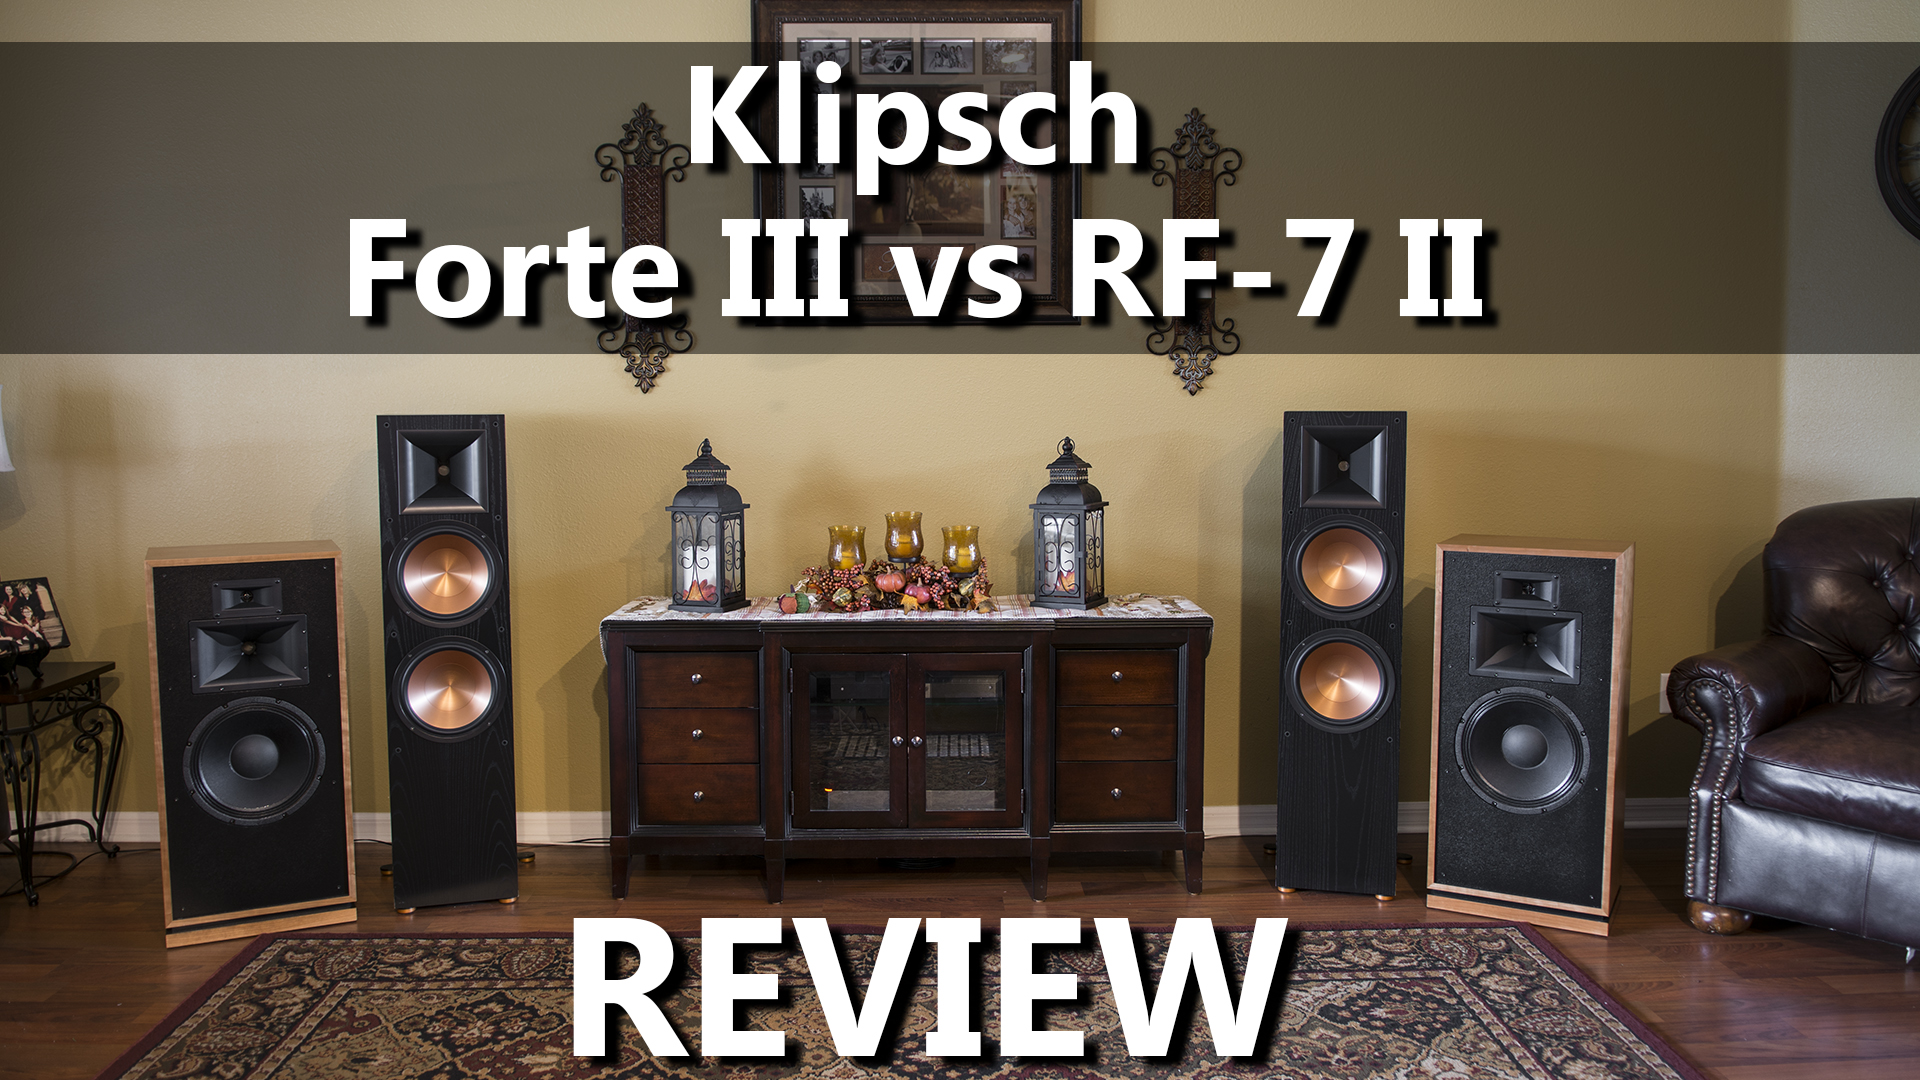 Klipsch Forte III vs RF-7 II Review - 2-Channel Home Audio